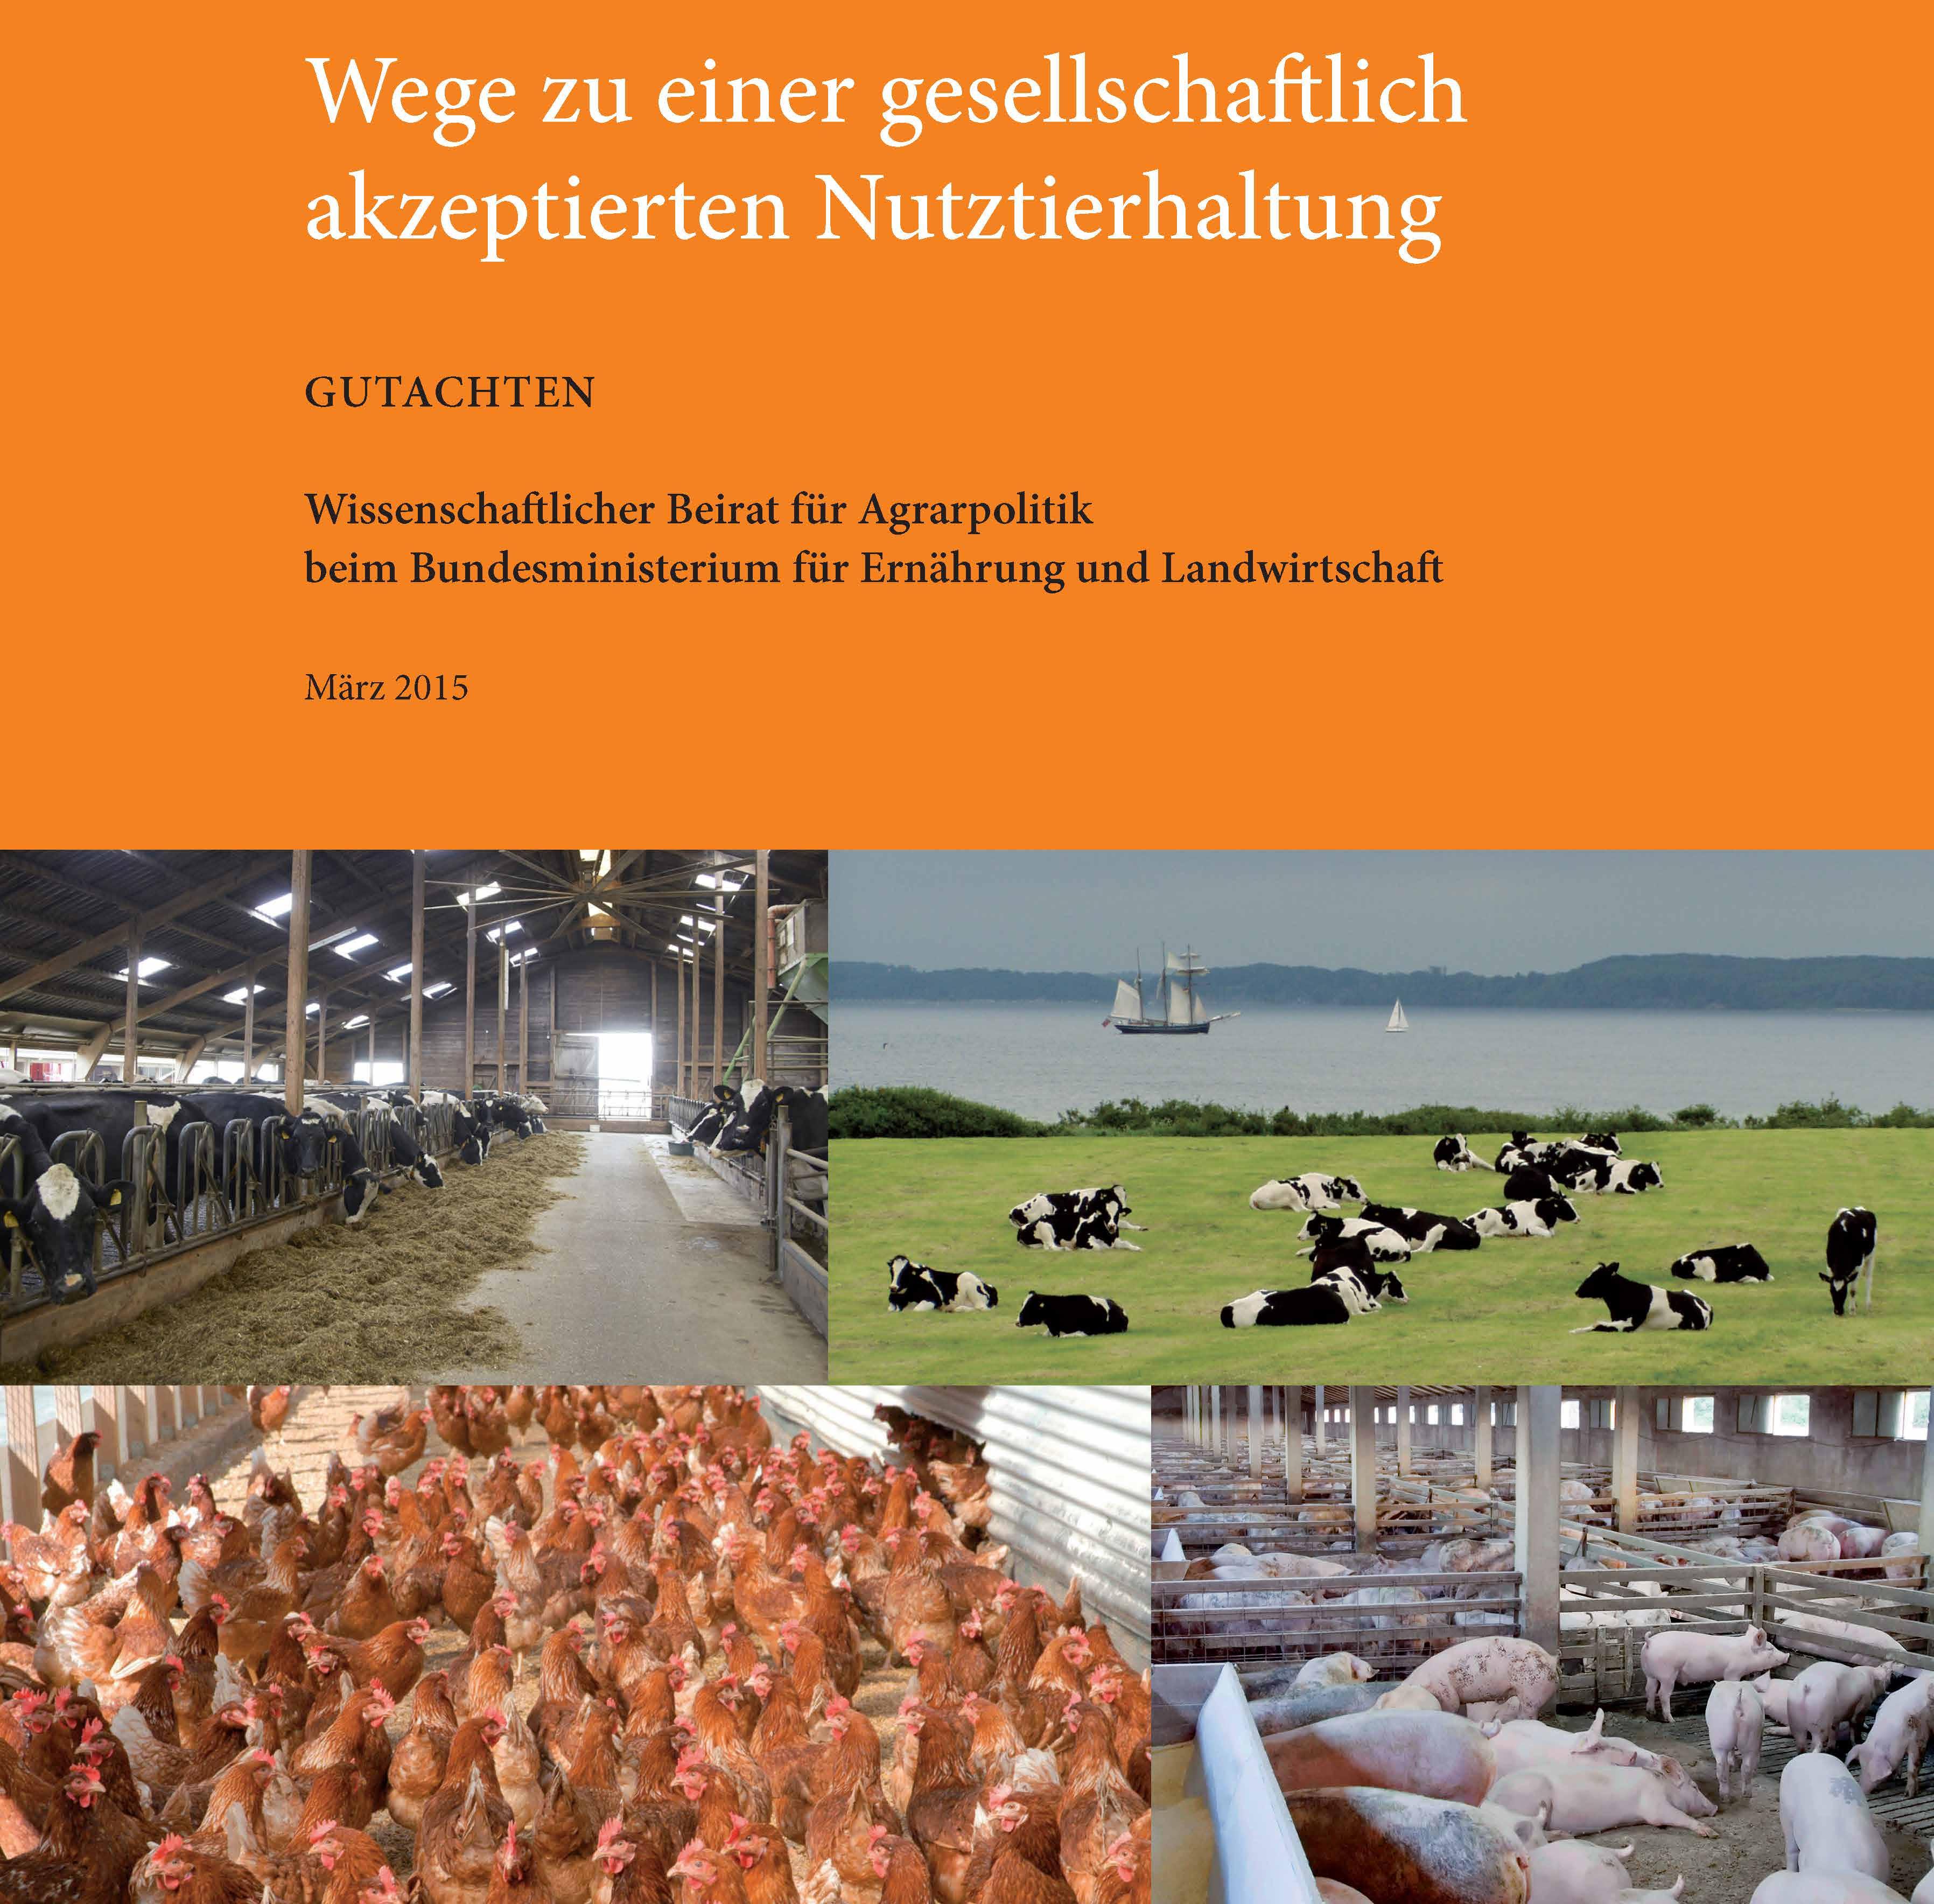 Fordert deutlich mehr Tierschutz für Nutztiere –  Das Gutachten des wissenschaftlichen Beirats für Agrarpolitik des Bundeslandwirtschaftsministeriums.